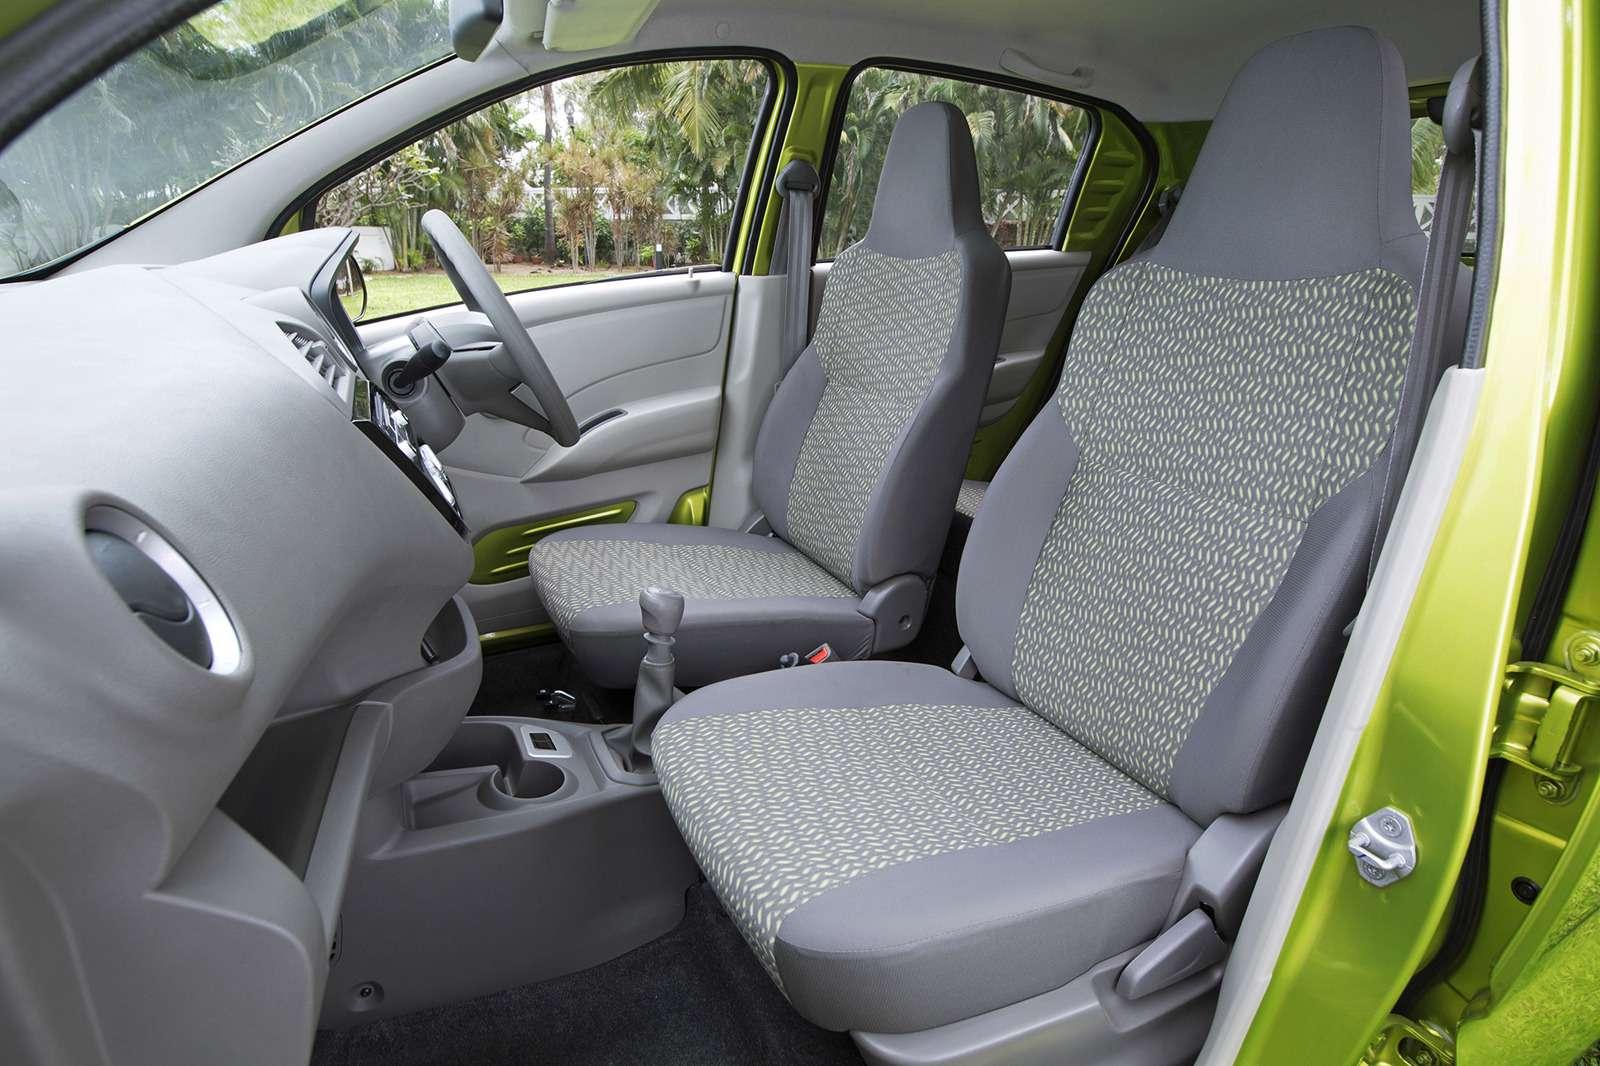 Datsun официально представил высокий хэтчбек redi-GO— фото 575656